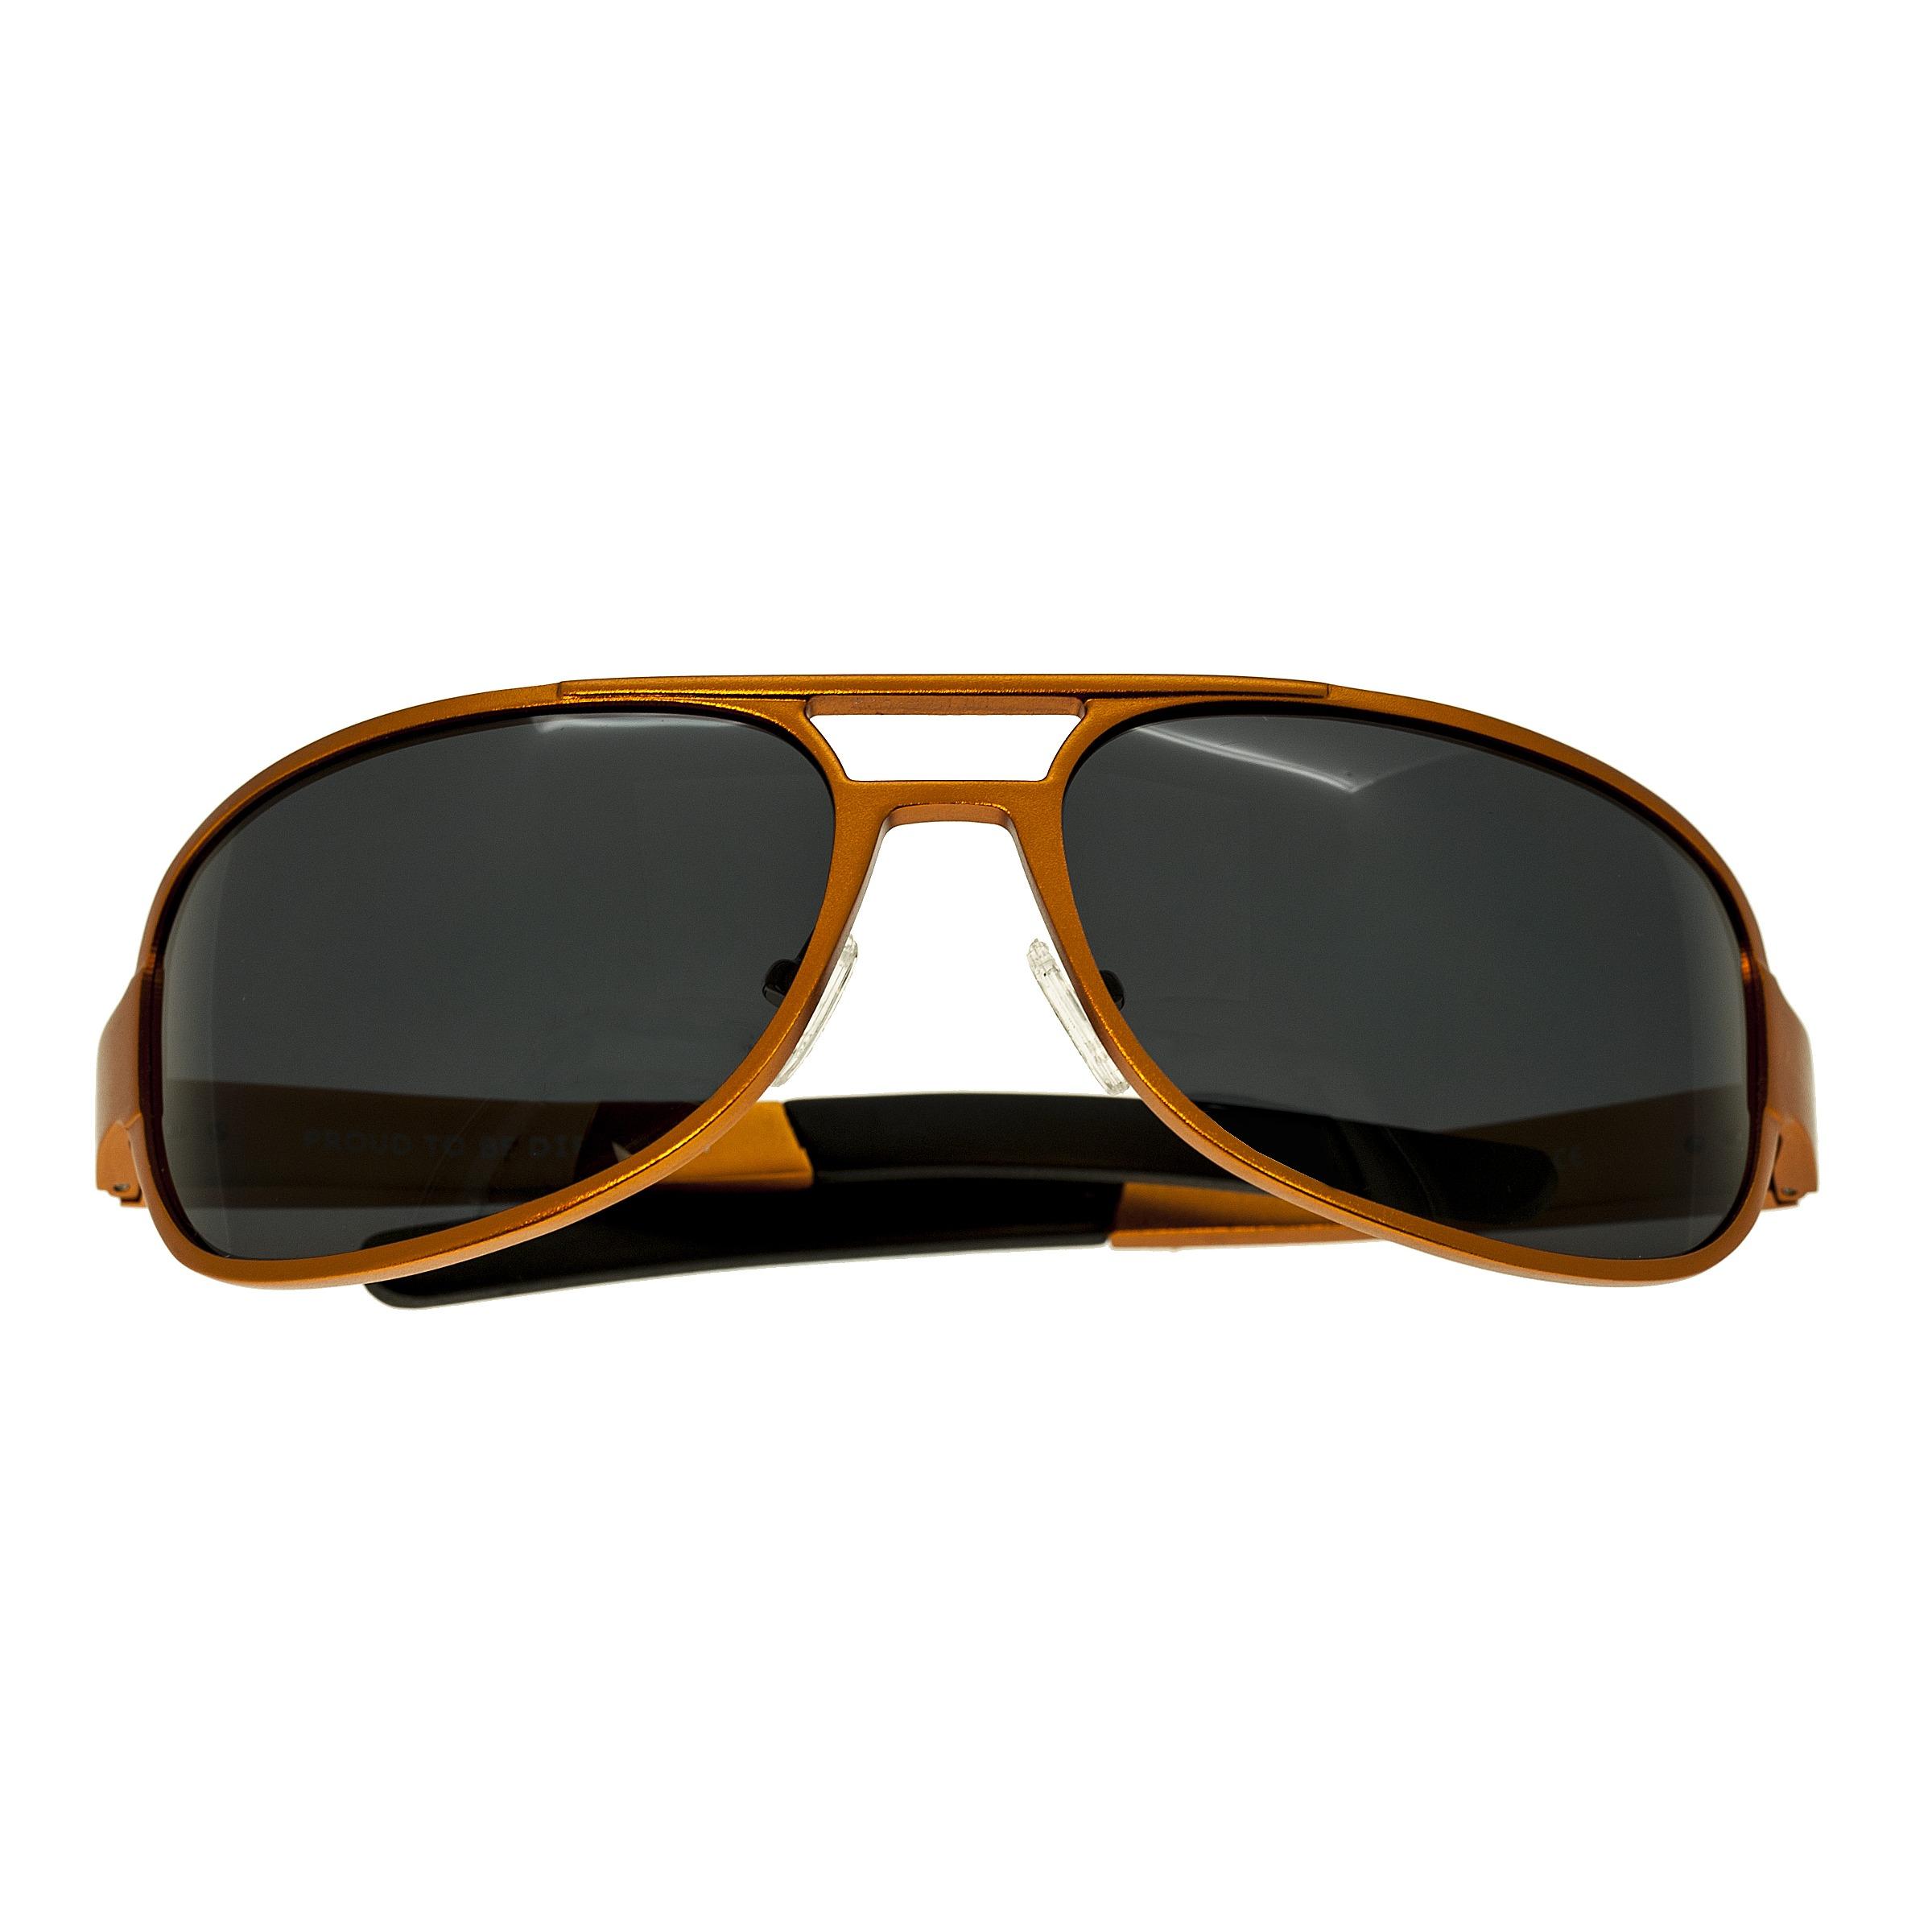 Rasse Xander Aluminium Sonnenbrille Sonnenbrille Sonnenbrille - Orange Schwarz | ein guter Ruf in der Welt  4e80d3